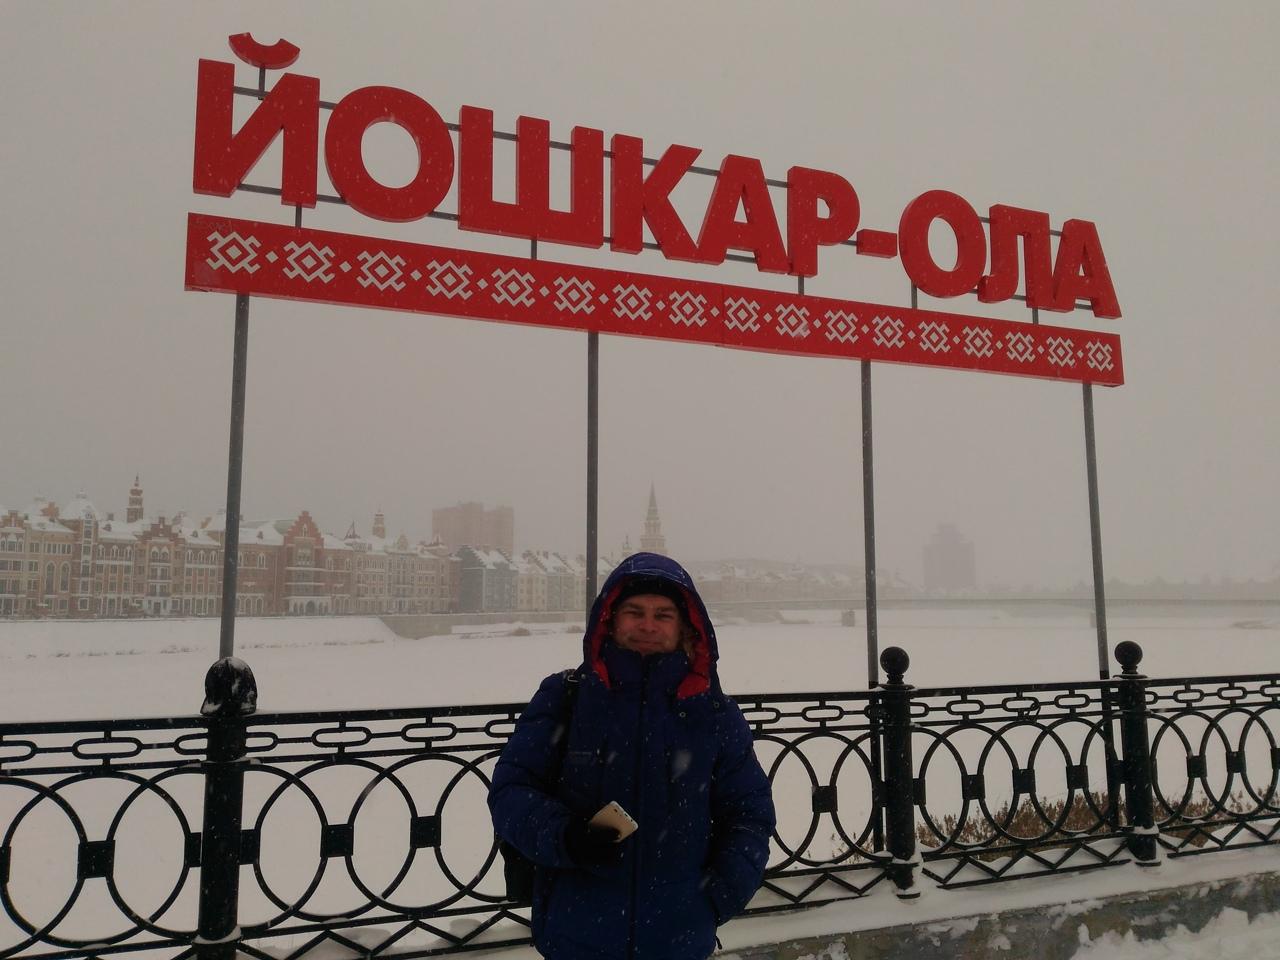 Konstantin Kapralov, Nizhny Novgorod - photo №20